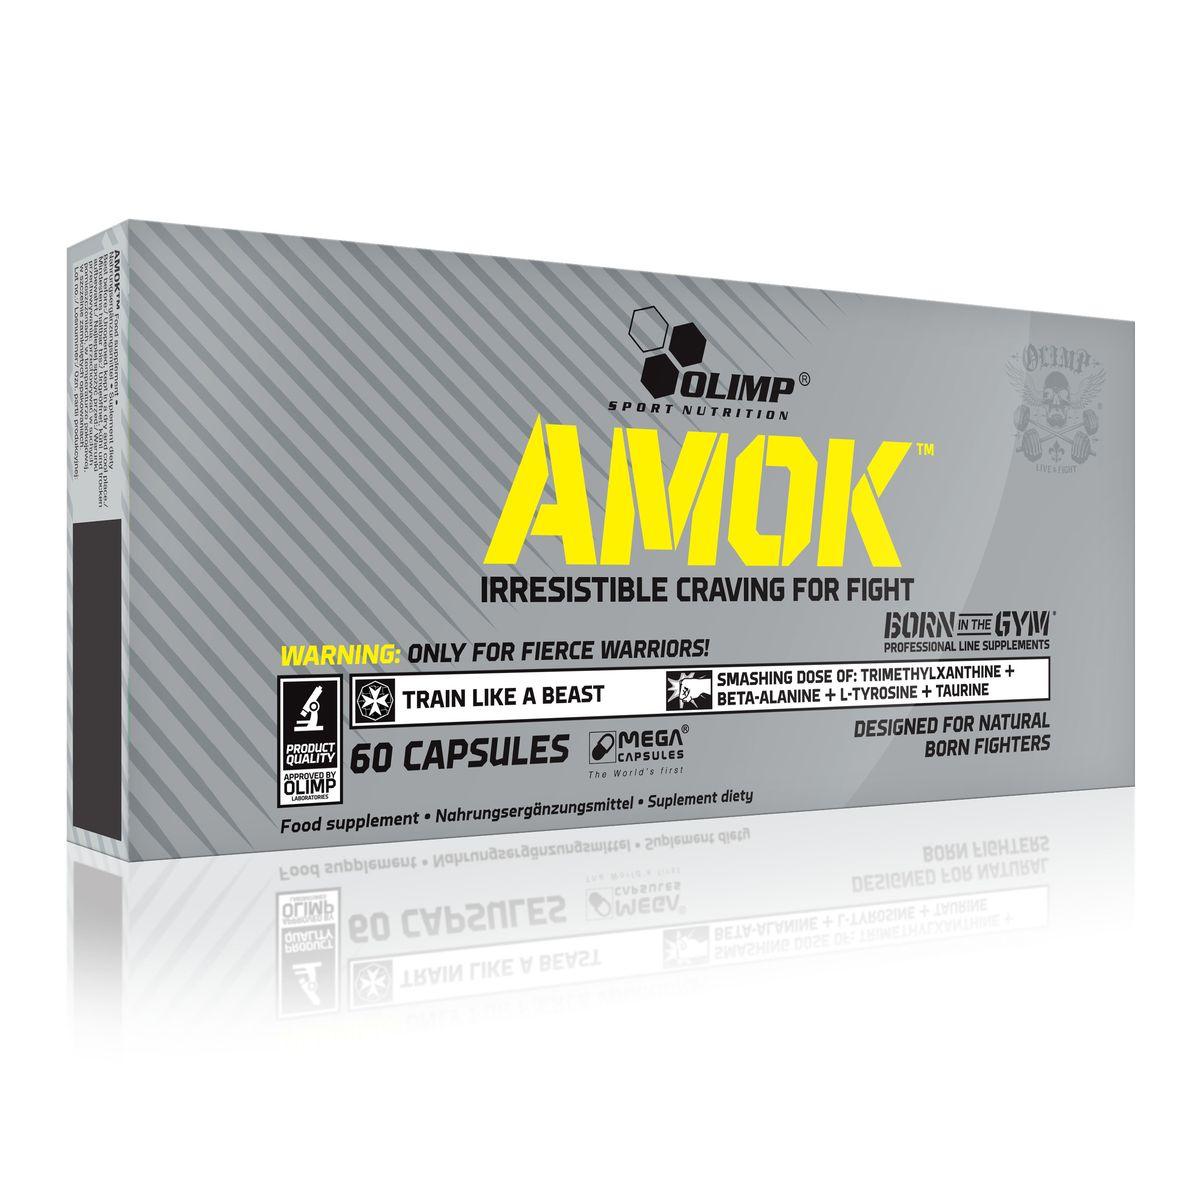 Предтренировочный комплекс Olimp Sport Nutrition Amok, 60 капсулO33049Olimp Sport Nutrition Amok разработан специально для того, чтобы обеспечить вас экстремальной мотивацией и упрямством, пробивающимся сквозь ярость и разжигающим волну энергии, которая вырывается из вашего тела на протяжении всей тренировки. Это уникальная смесь точно подобранных количеств бета-аланина, L-тирозина и таурина, дополненная порцией 1,3,7-метилксантинов и женьшеня, чтобы дать энергию, буквально разрывающую на части. Это удивительное сочетание ингредиентов, входящих в состав средства, дополнено тщательно продуманной смесью витаминов и минералов, которые позволяют поддерживать стабильность энергетических процессов во время интенсивной физической нагрузки.Рекомендации по применению: начинать прием с 1 капсулы за 30-45 минут до тренировки. При хорошей переносимости доза может быть увеличена до 2 капсул.Состав: таурин, L-тирозин, Бета-аланин, кофеин безводный, экстракт гуараны, экстракт женьшеня обыкновенного корейского, магний , витамин B6, микрокристаллическая целлюлоза, стеарат магния, капсула (желатин, краситель E171). Товар сертифицирован.